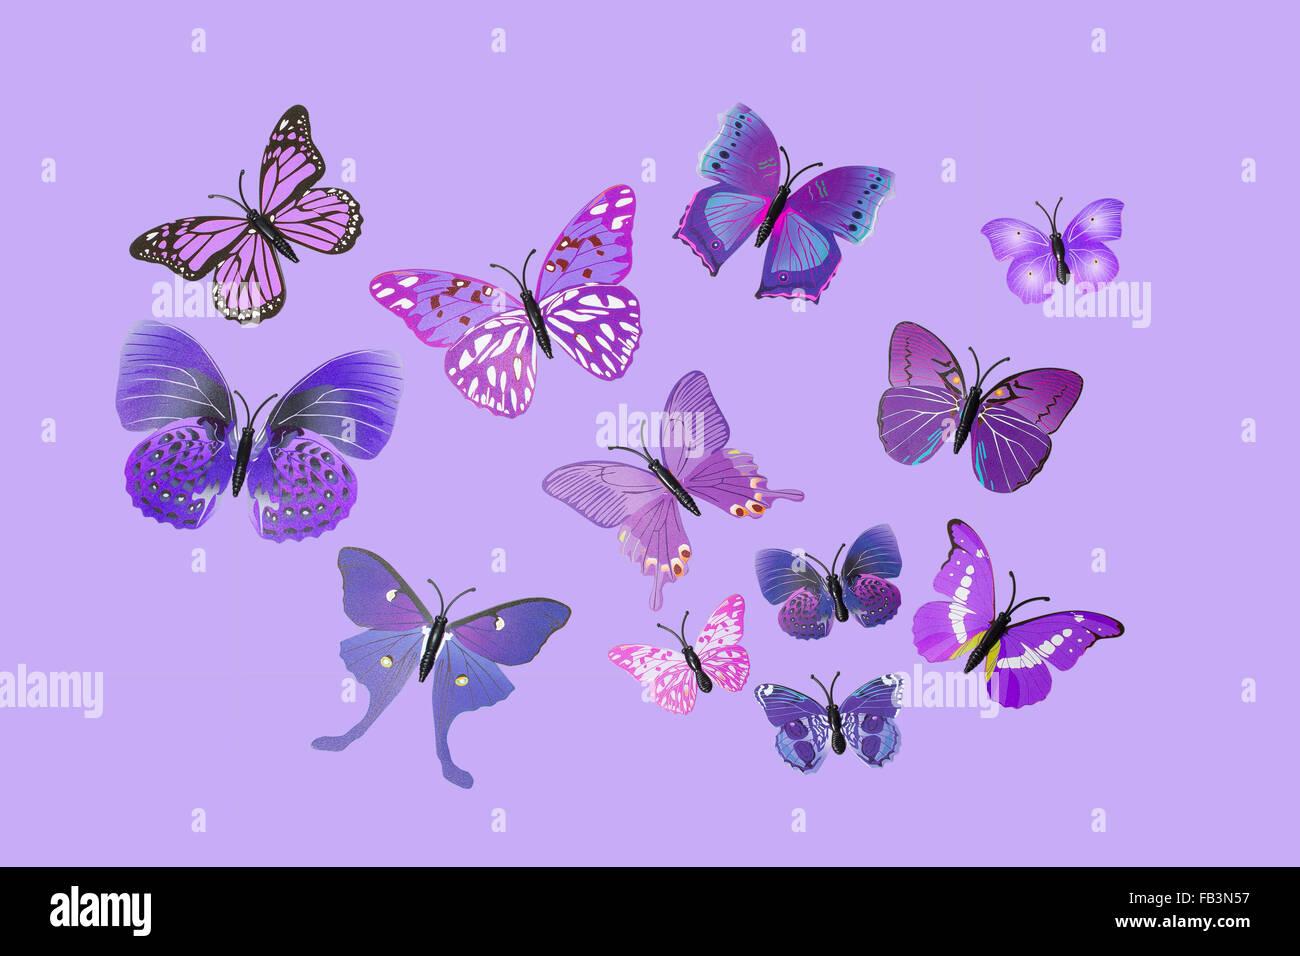 Colección de imágenes prediseñadas mariposas fantasía púrpura Imagen De Stock